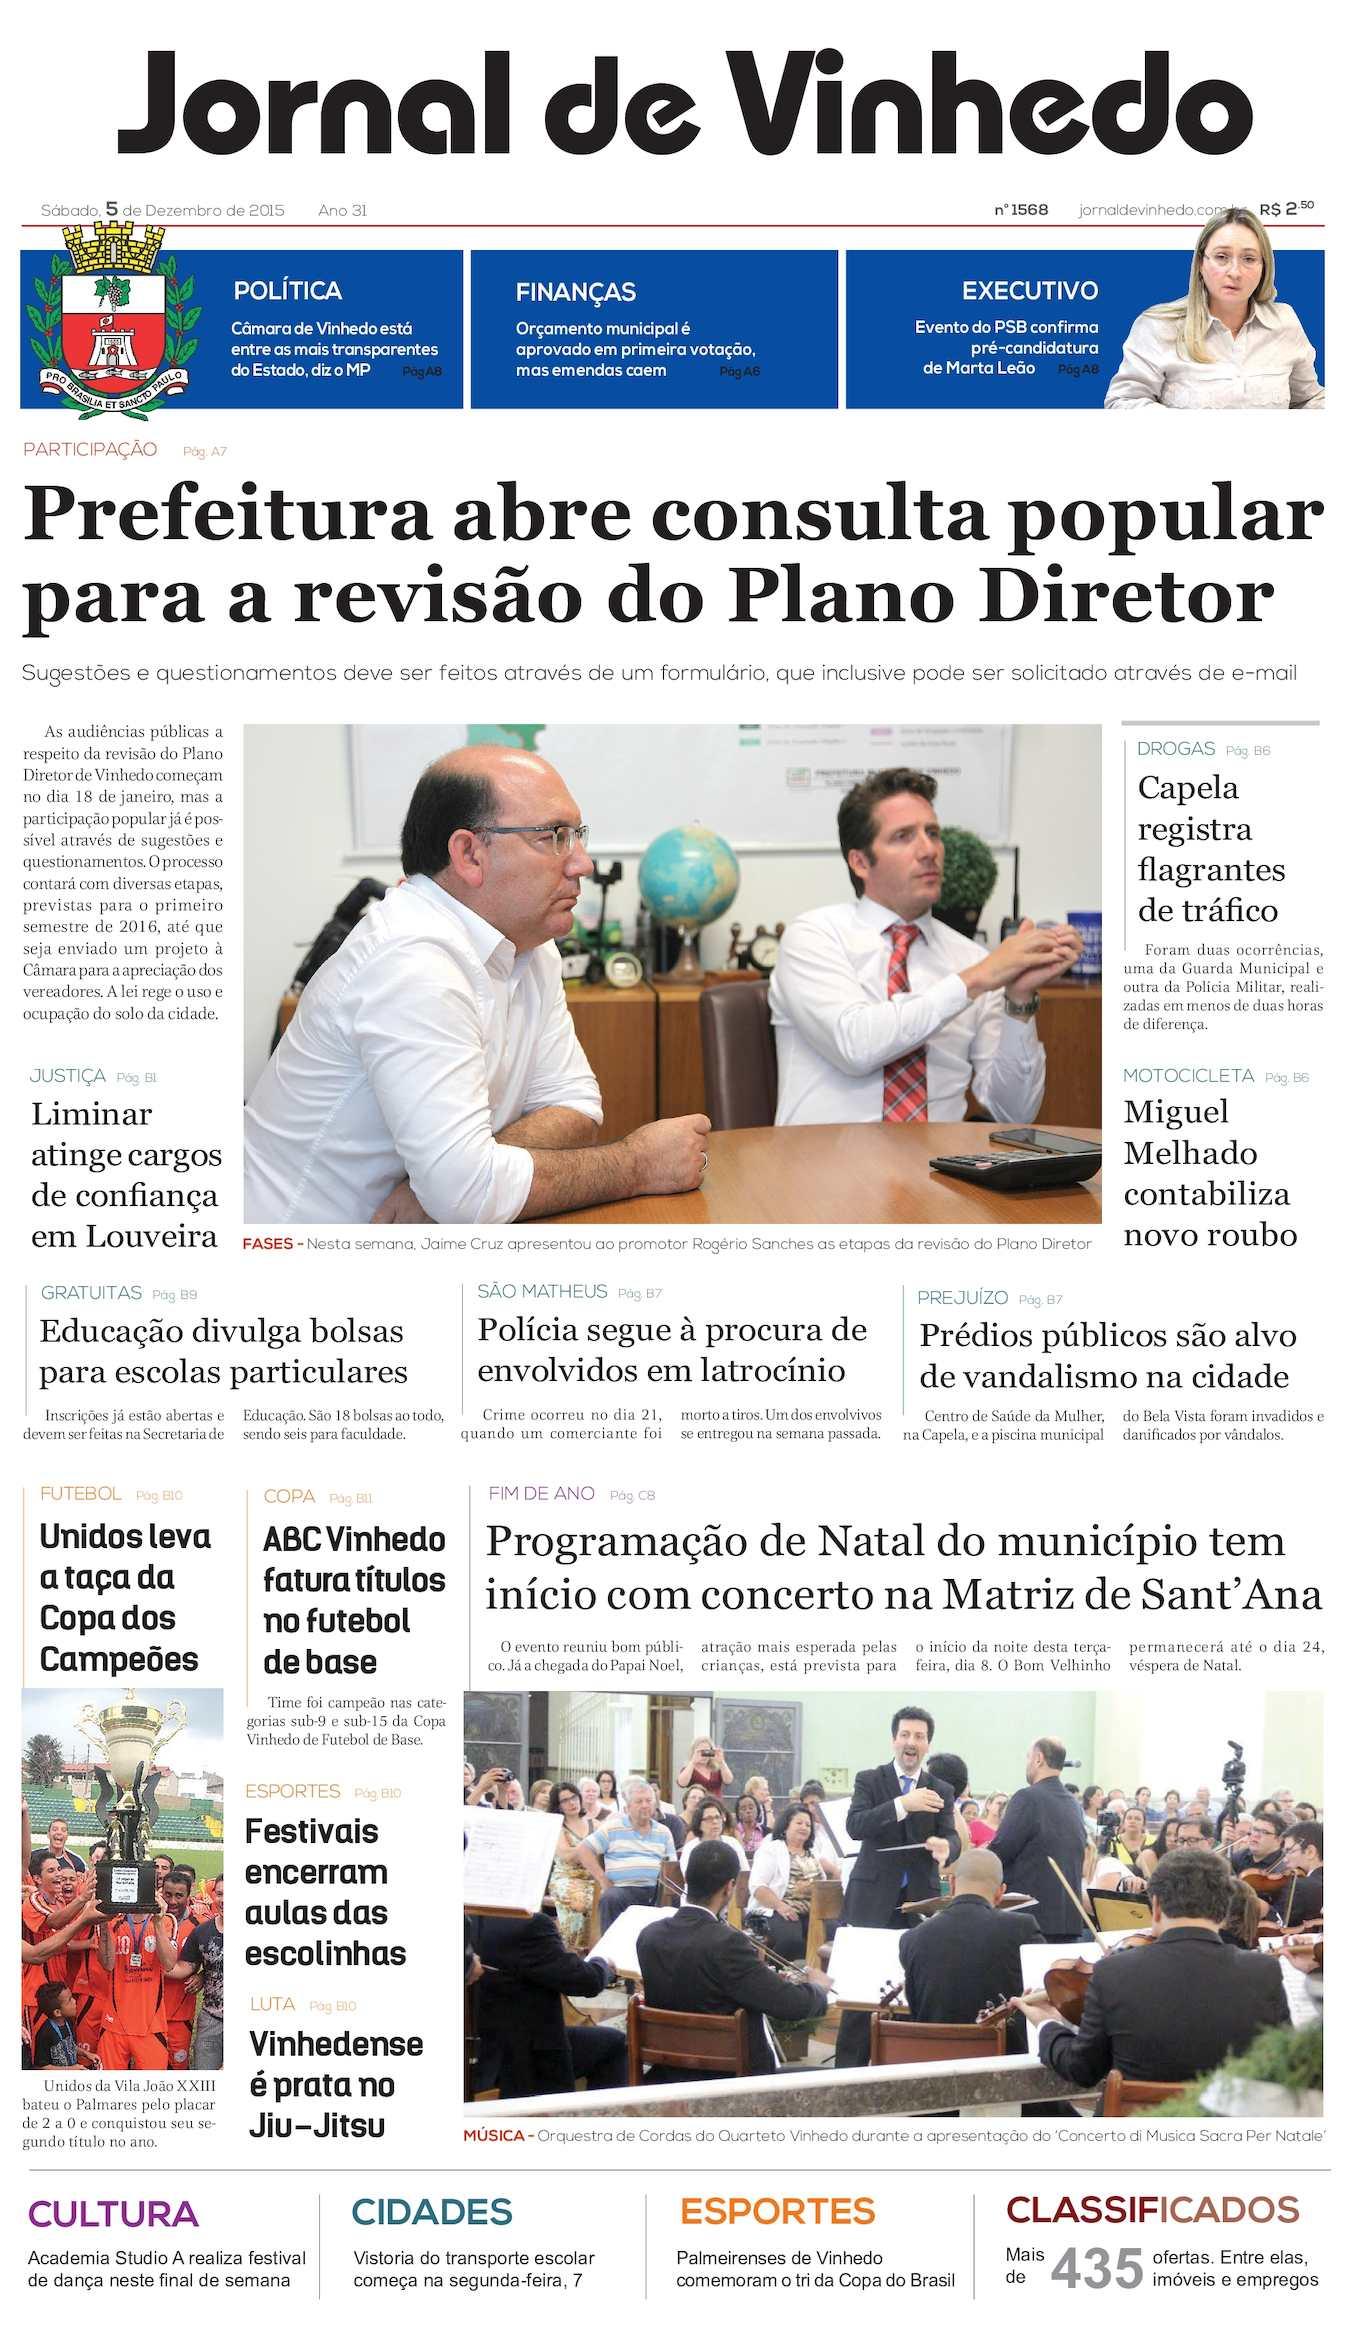 Calaméo - Jornal De Vinhedo Sábado 05 De Desembro De 2015 Edic 1568 Ok 506e1a3f93493